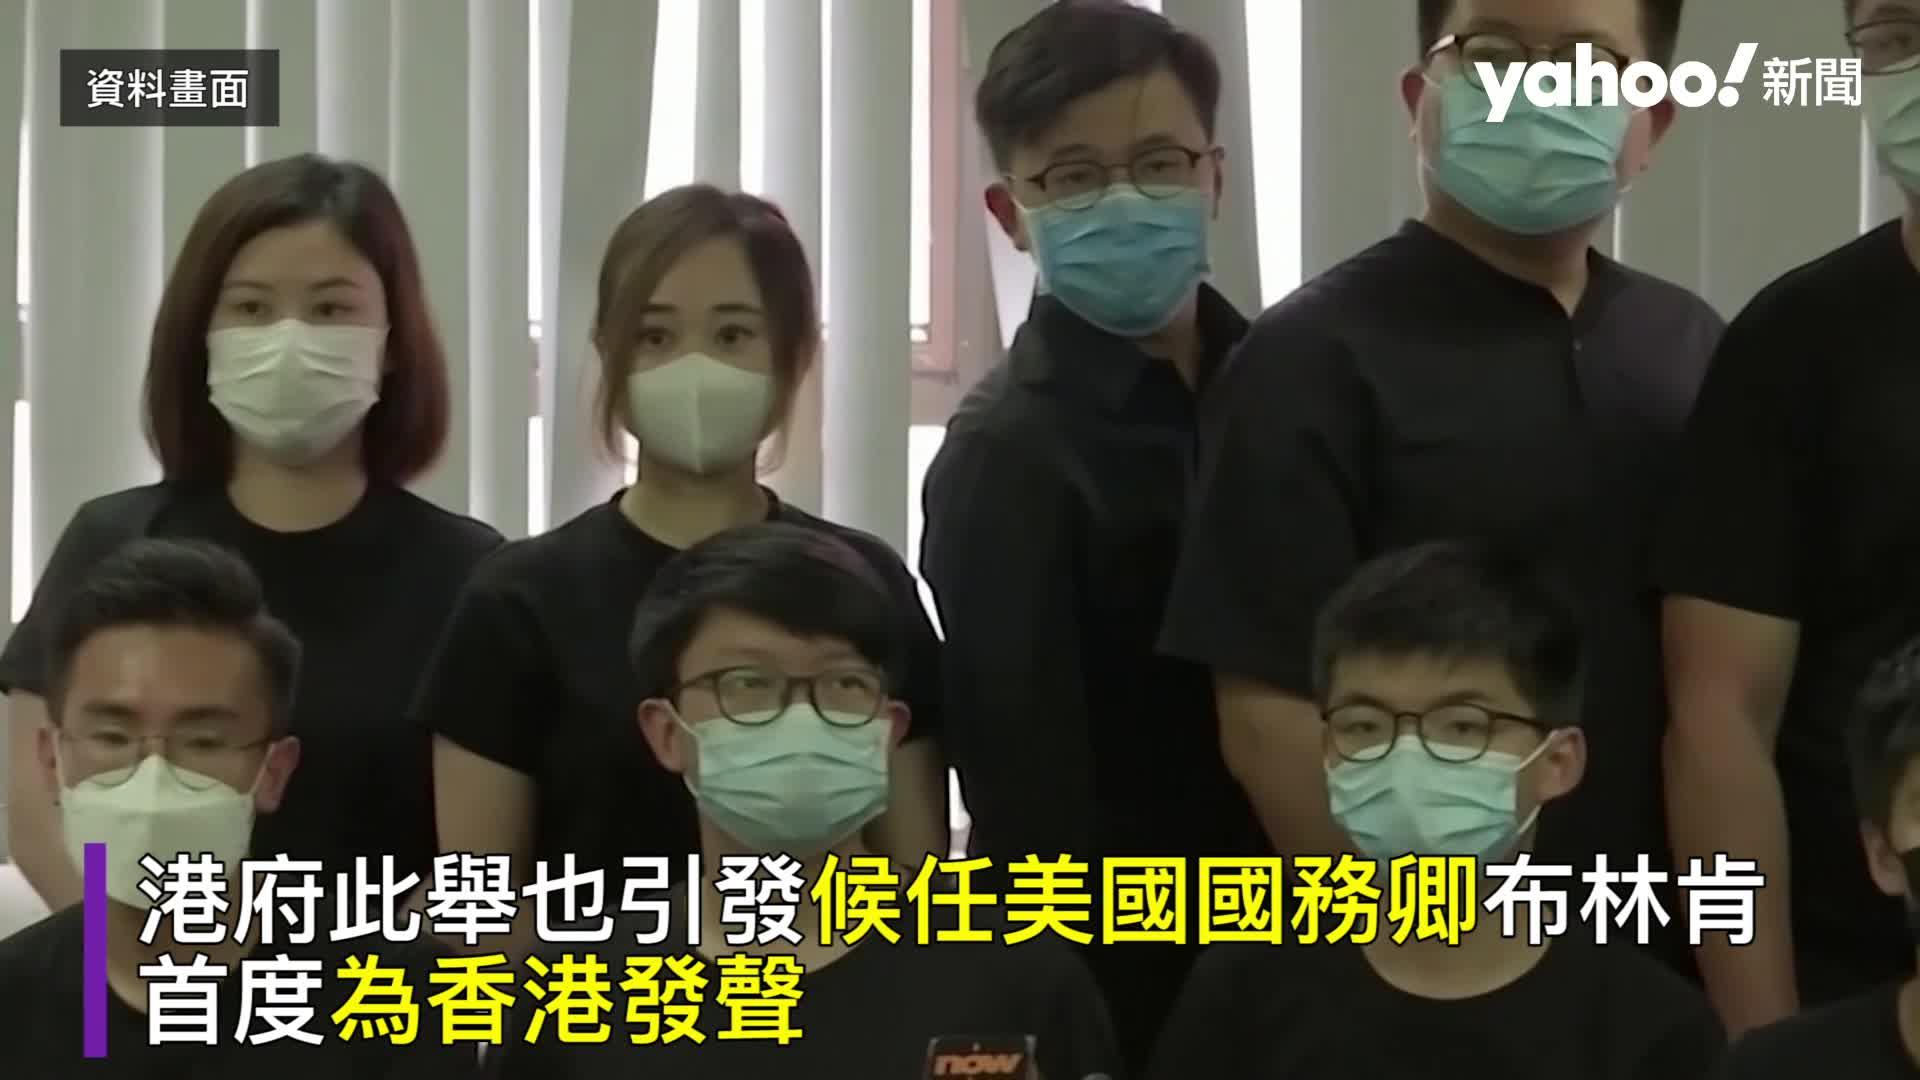 香港大搜捕!泛民主派至少52人被捕 警上門逮人畫面曝光